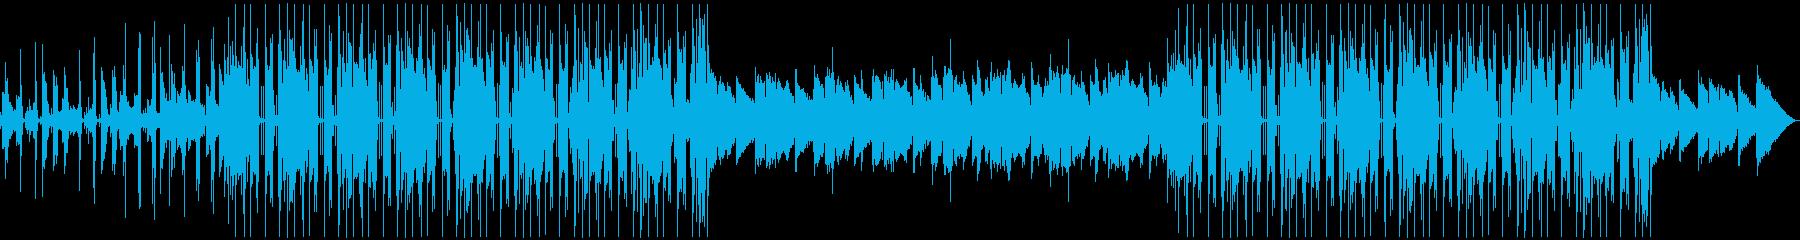 オシャレなギターのファンクなBGMの再生済みの波形